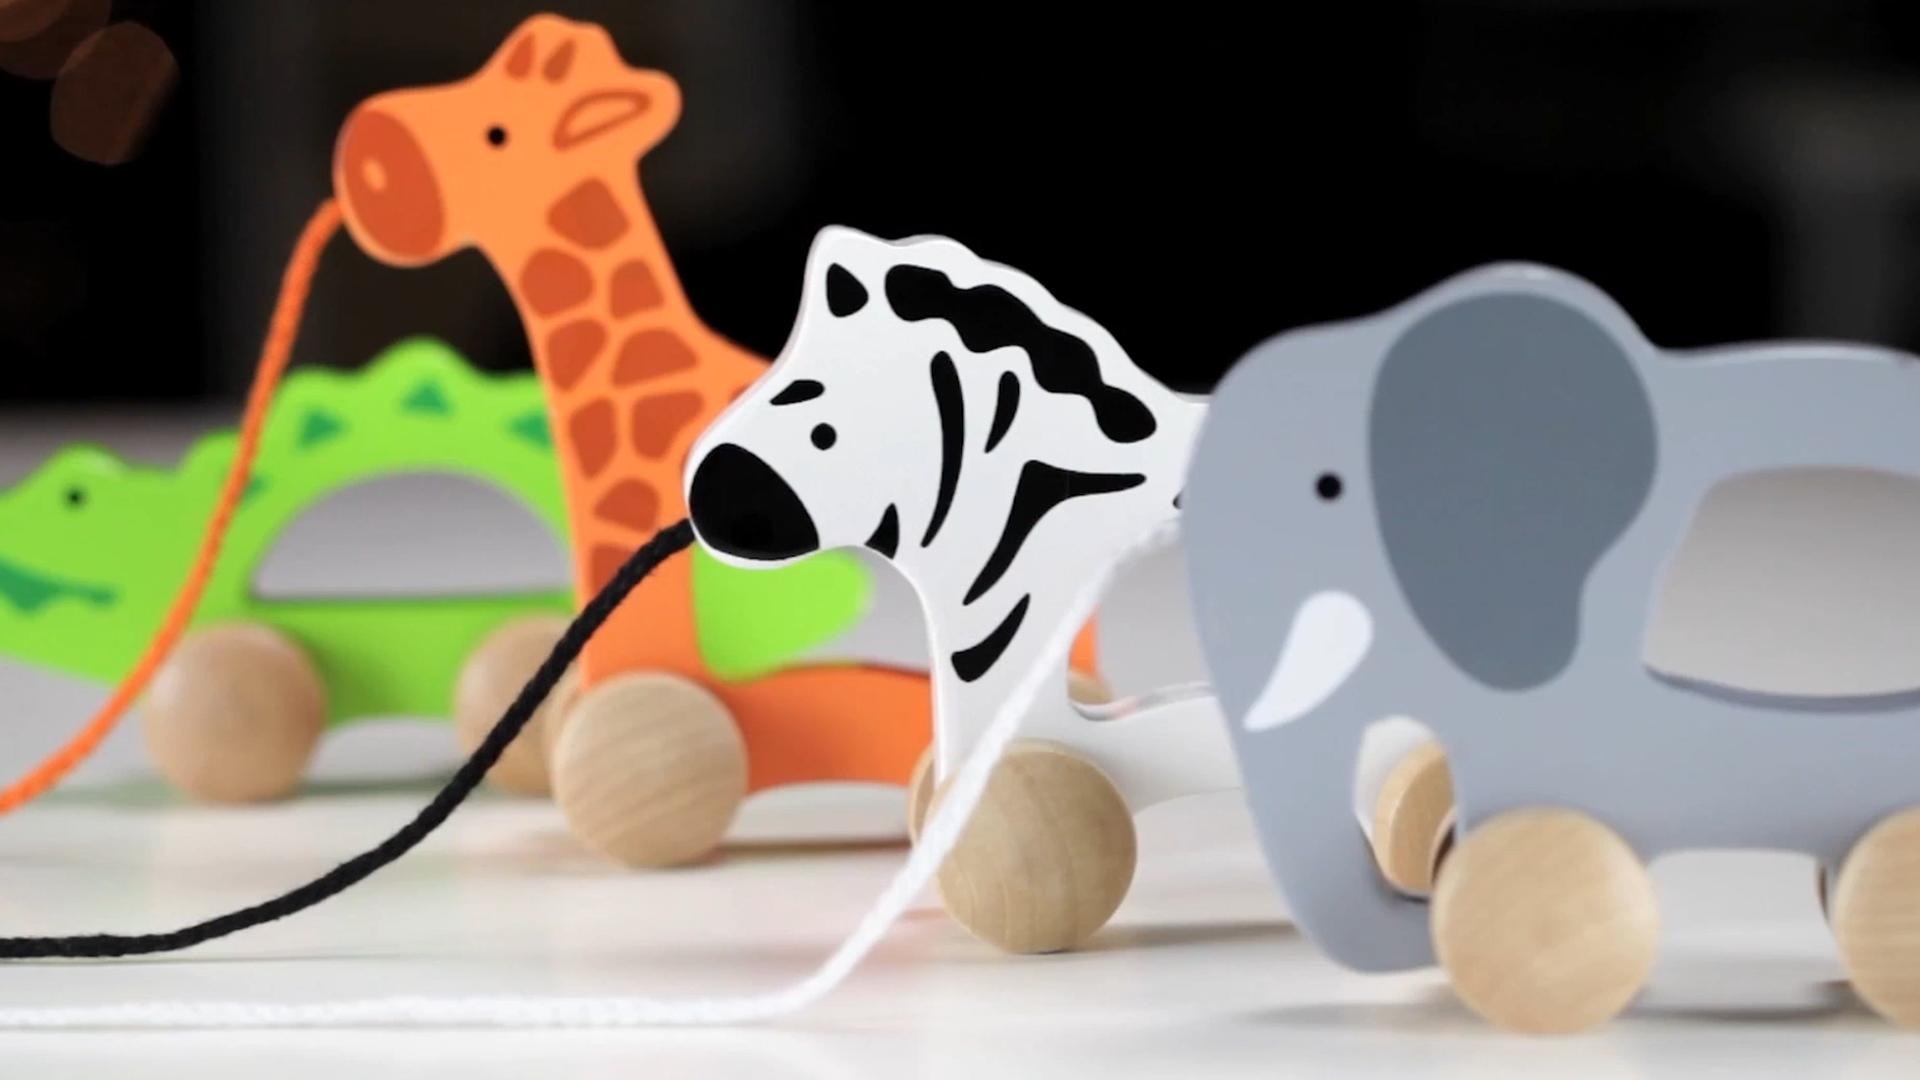 Nuovi bambini giocattoli educativi elefante in legno di apprendimento del bambino del camminatore